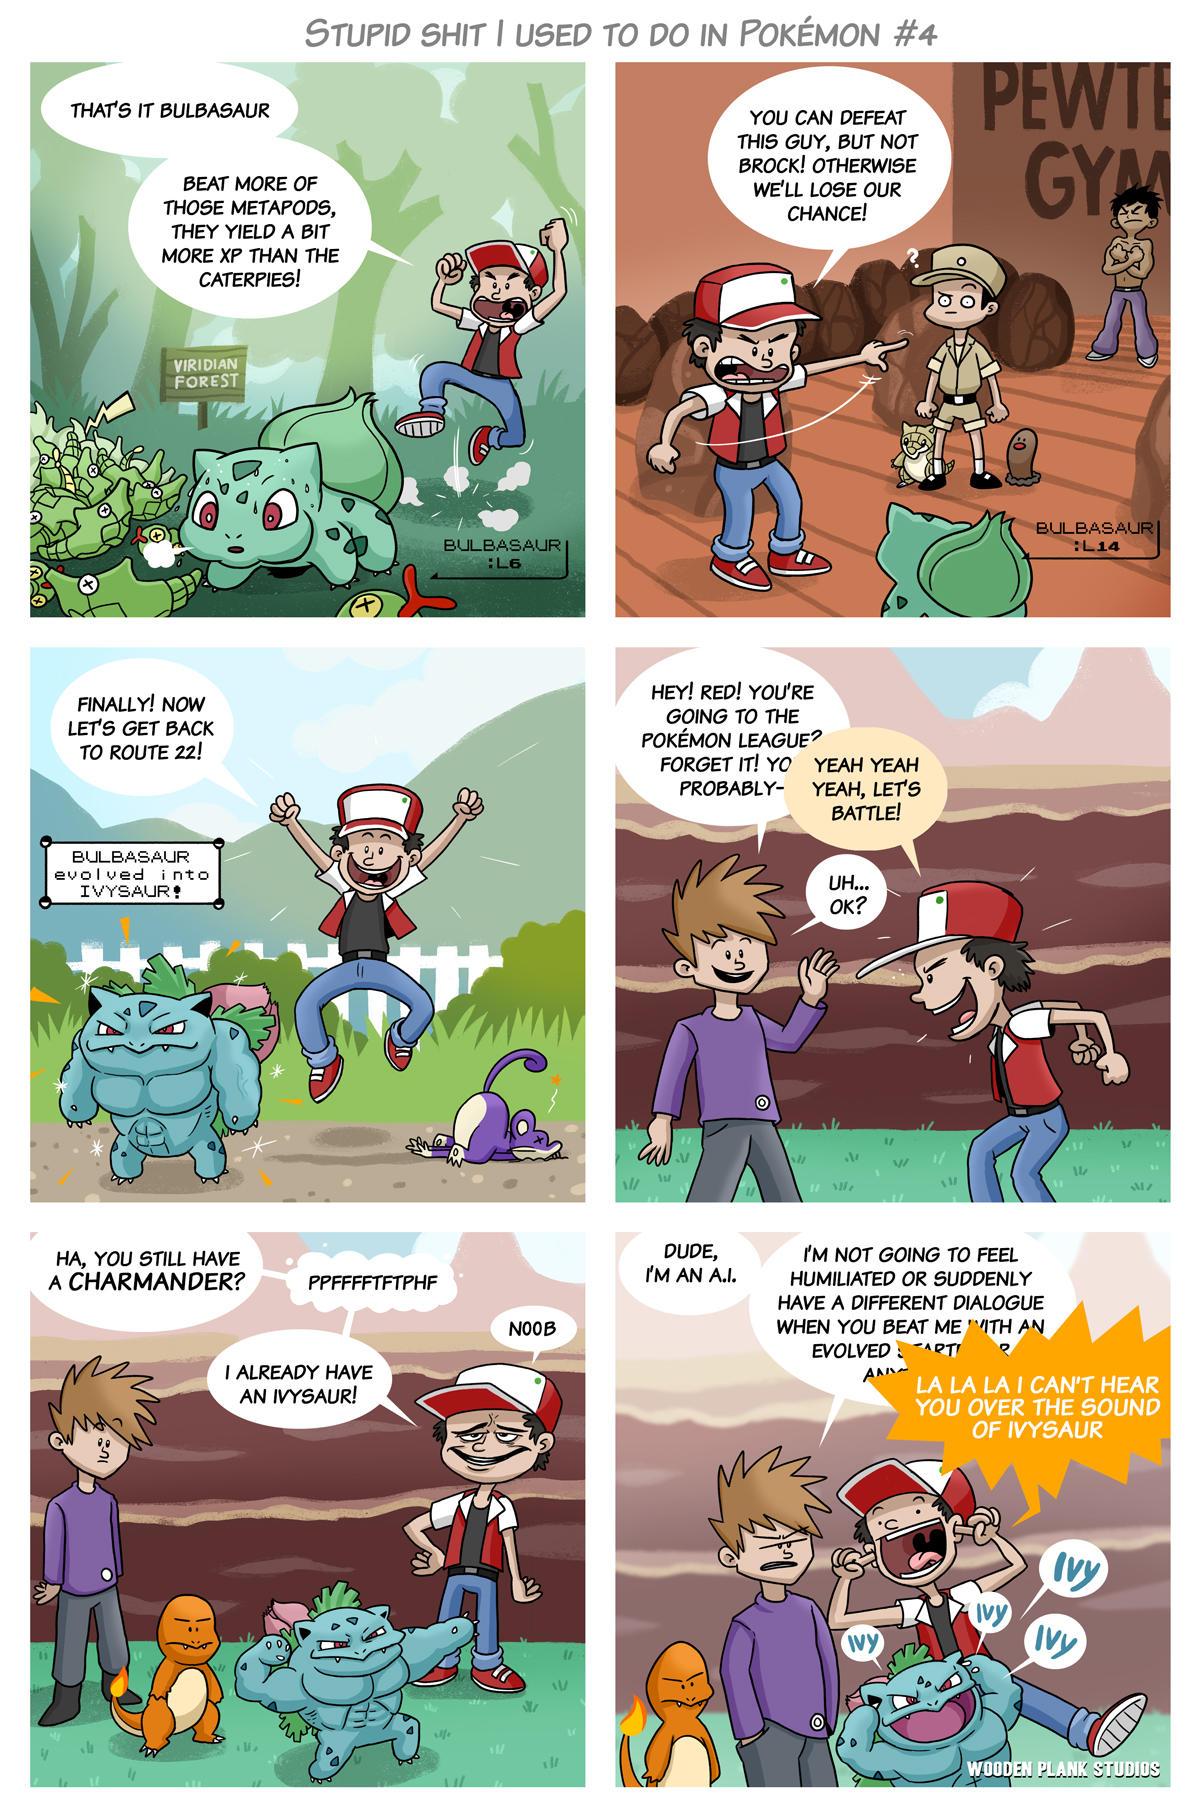 Stupid Shit I Used To Do in Pokémon #4 | Pokémon | Know ...